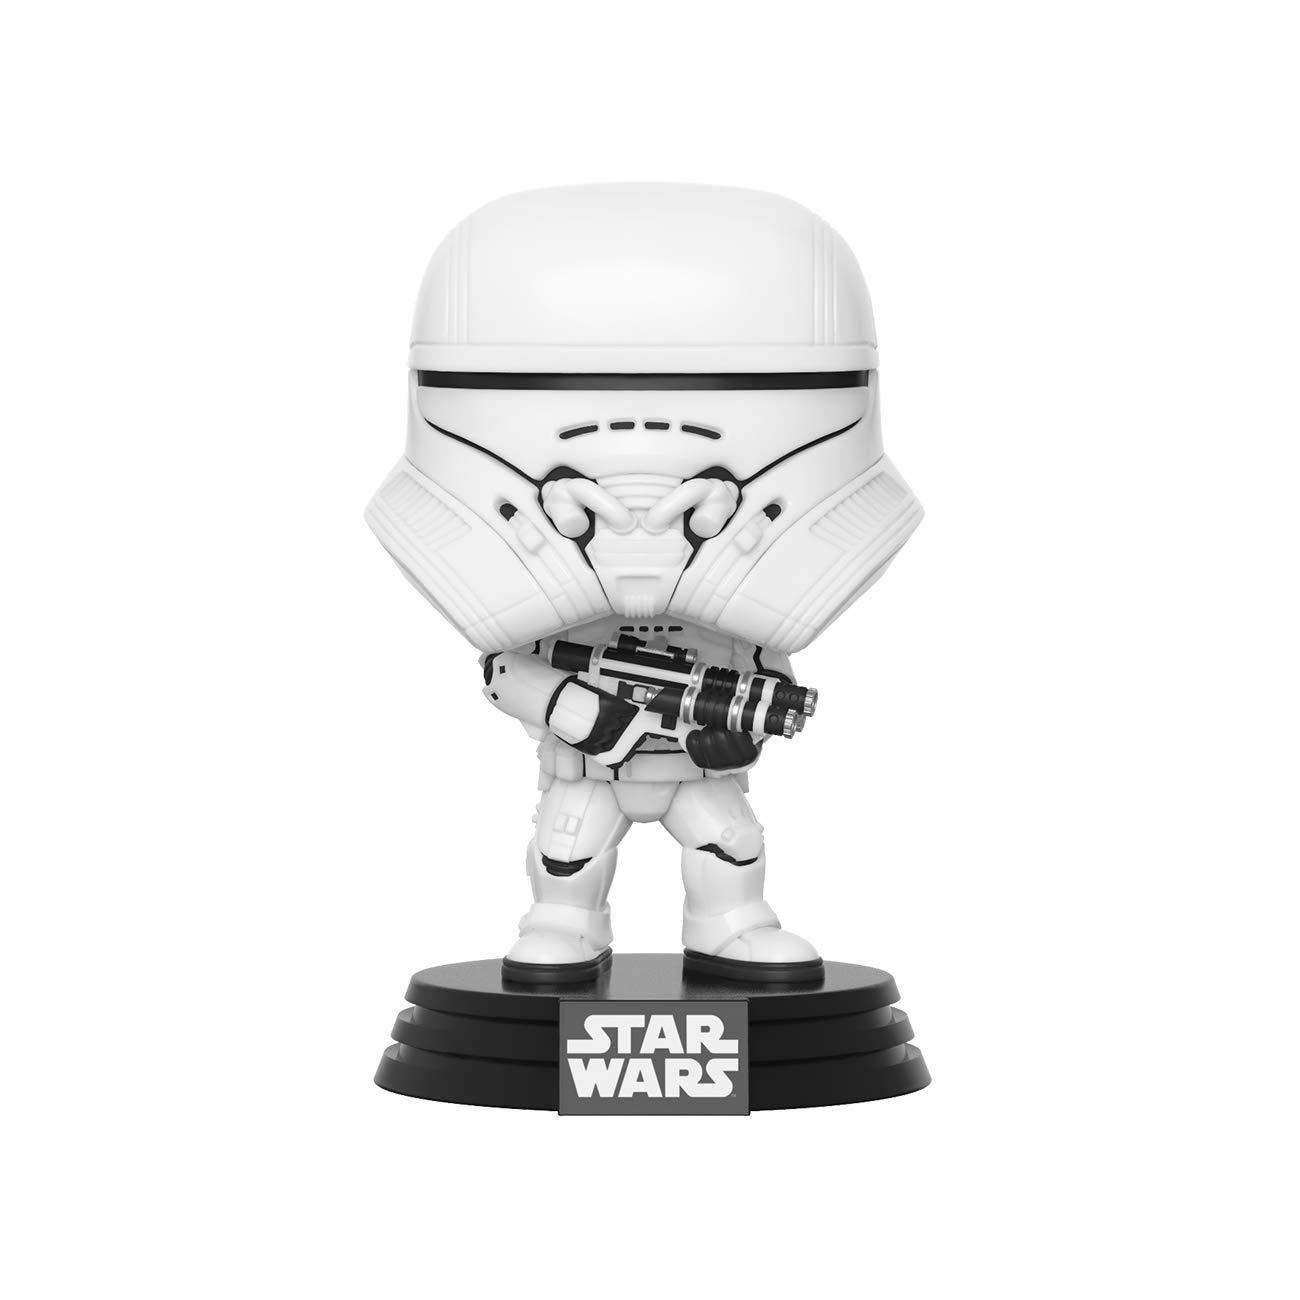 Funko Pop! Star Wars: Episode 9, Rise of Skywalker - First Order Jet Trooper